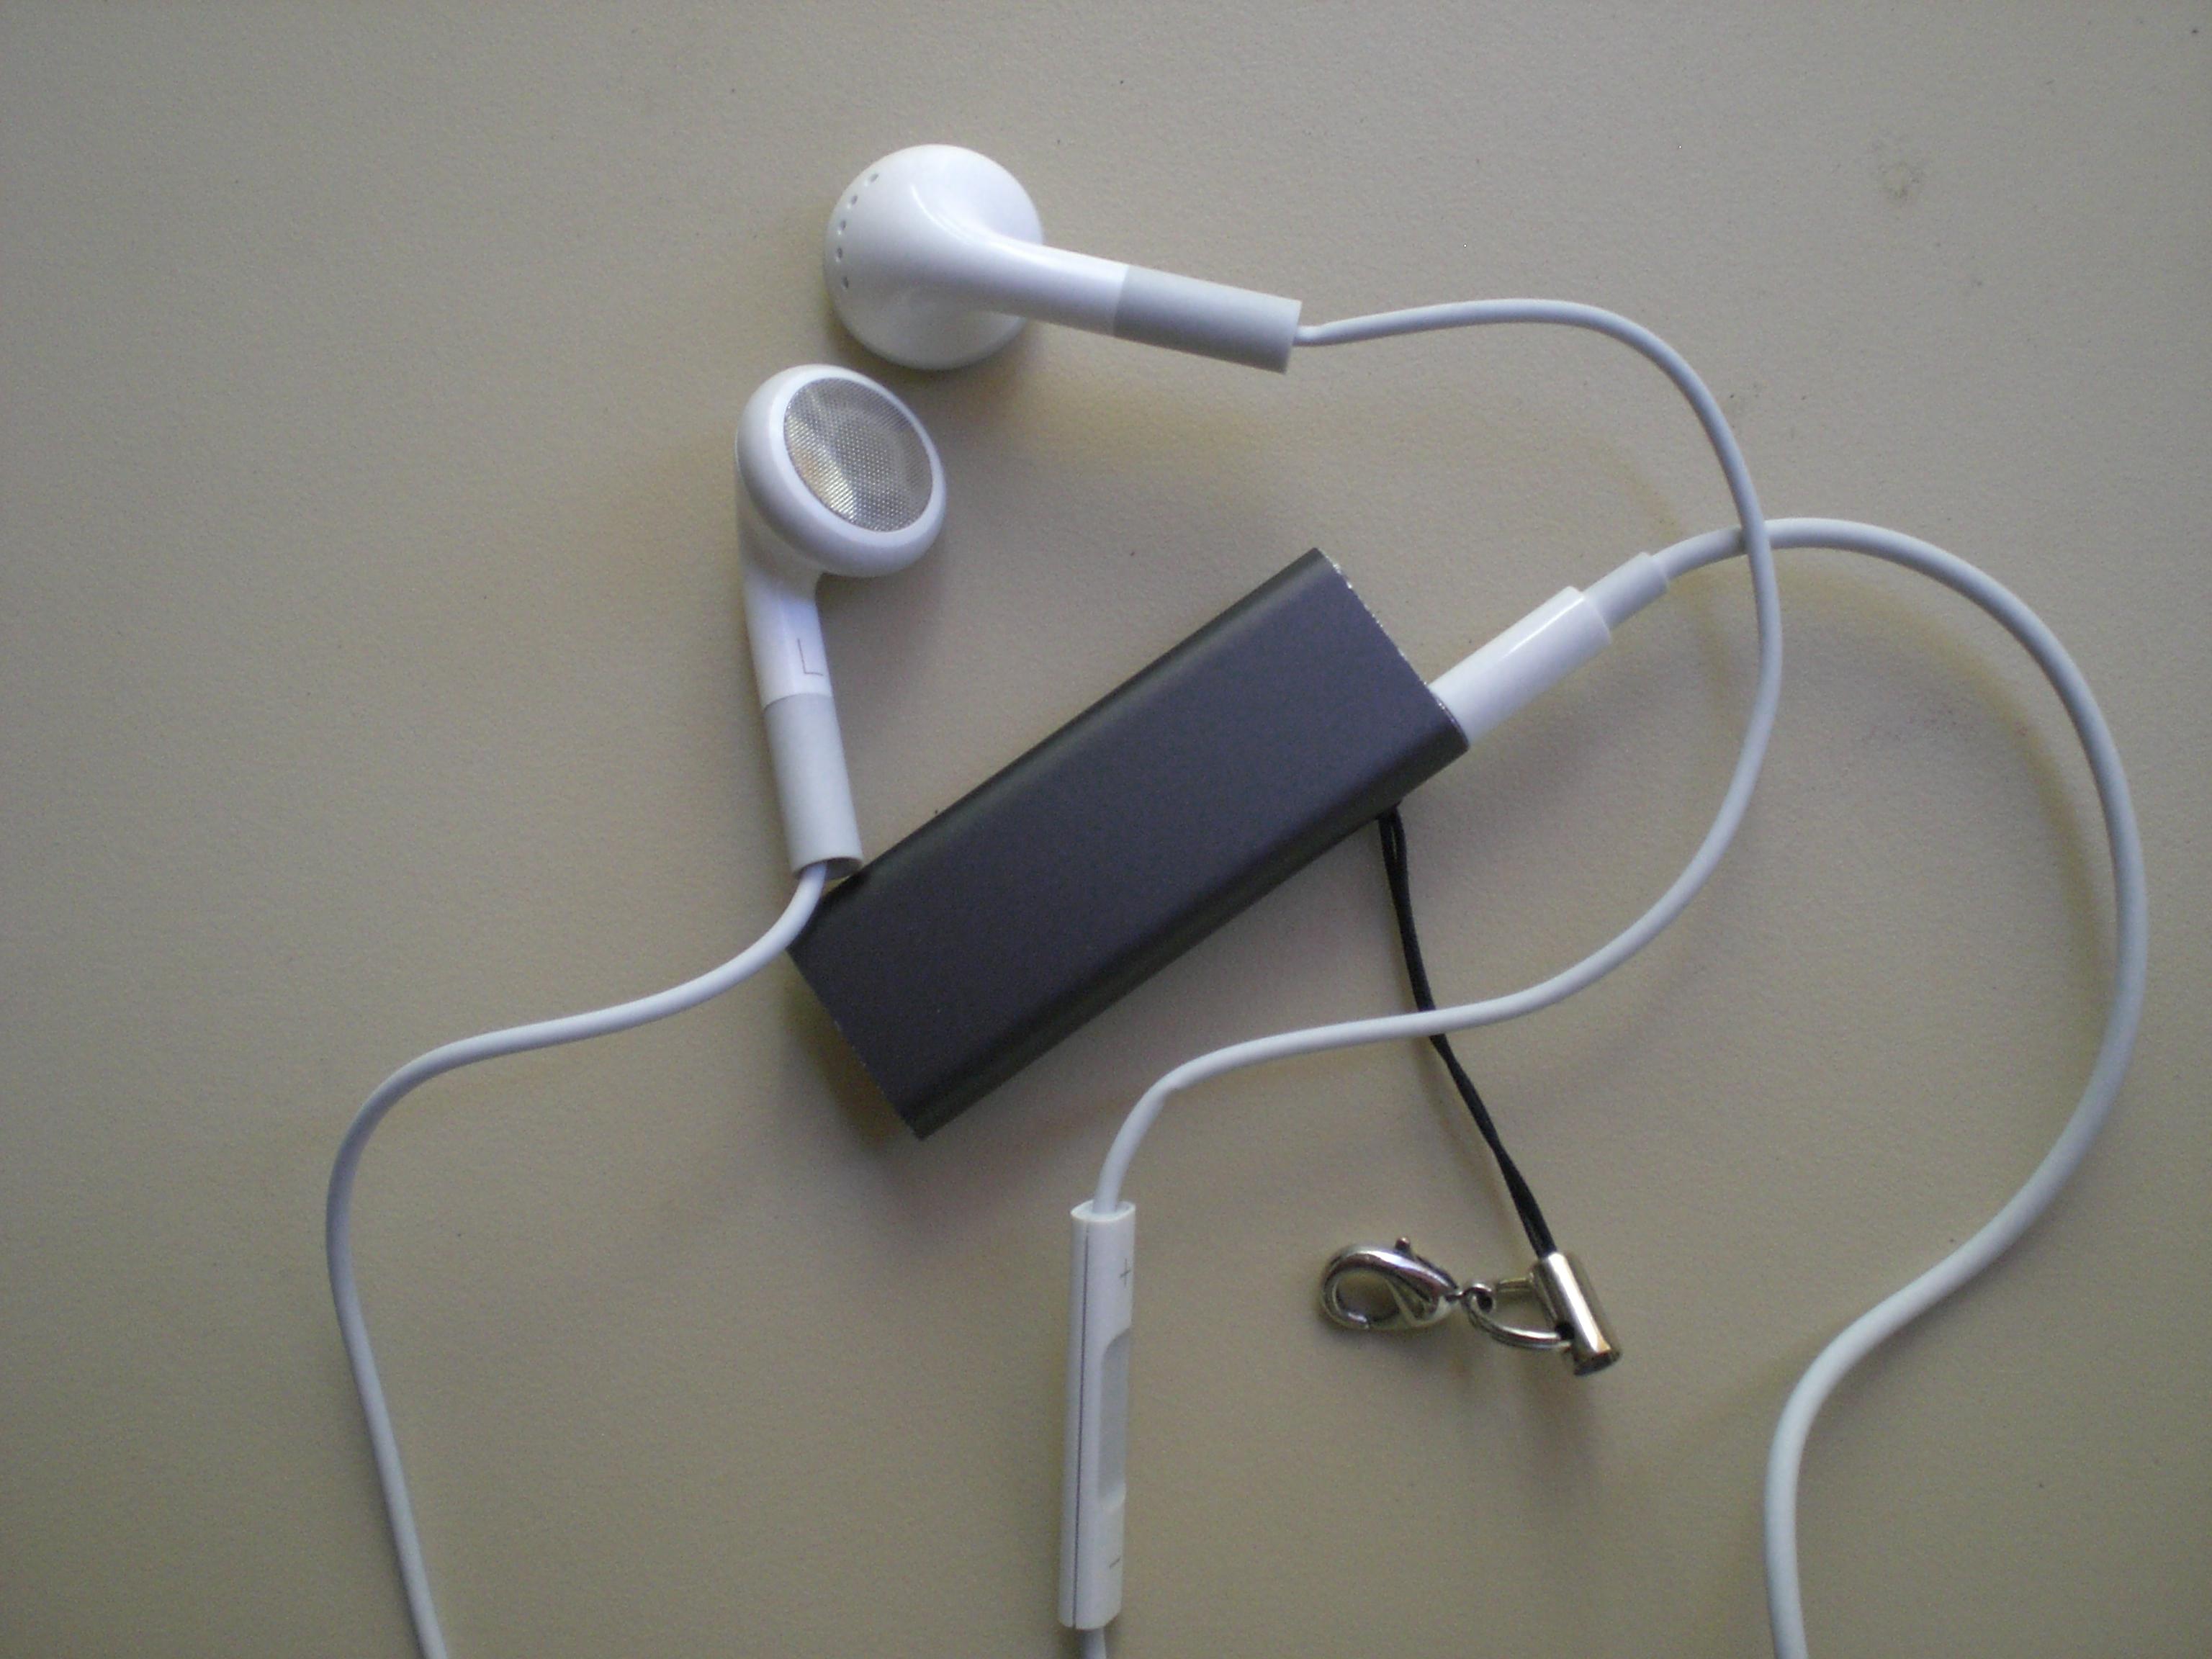 iPod Shuffle 3rd Gen Review